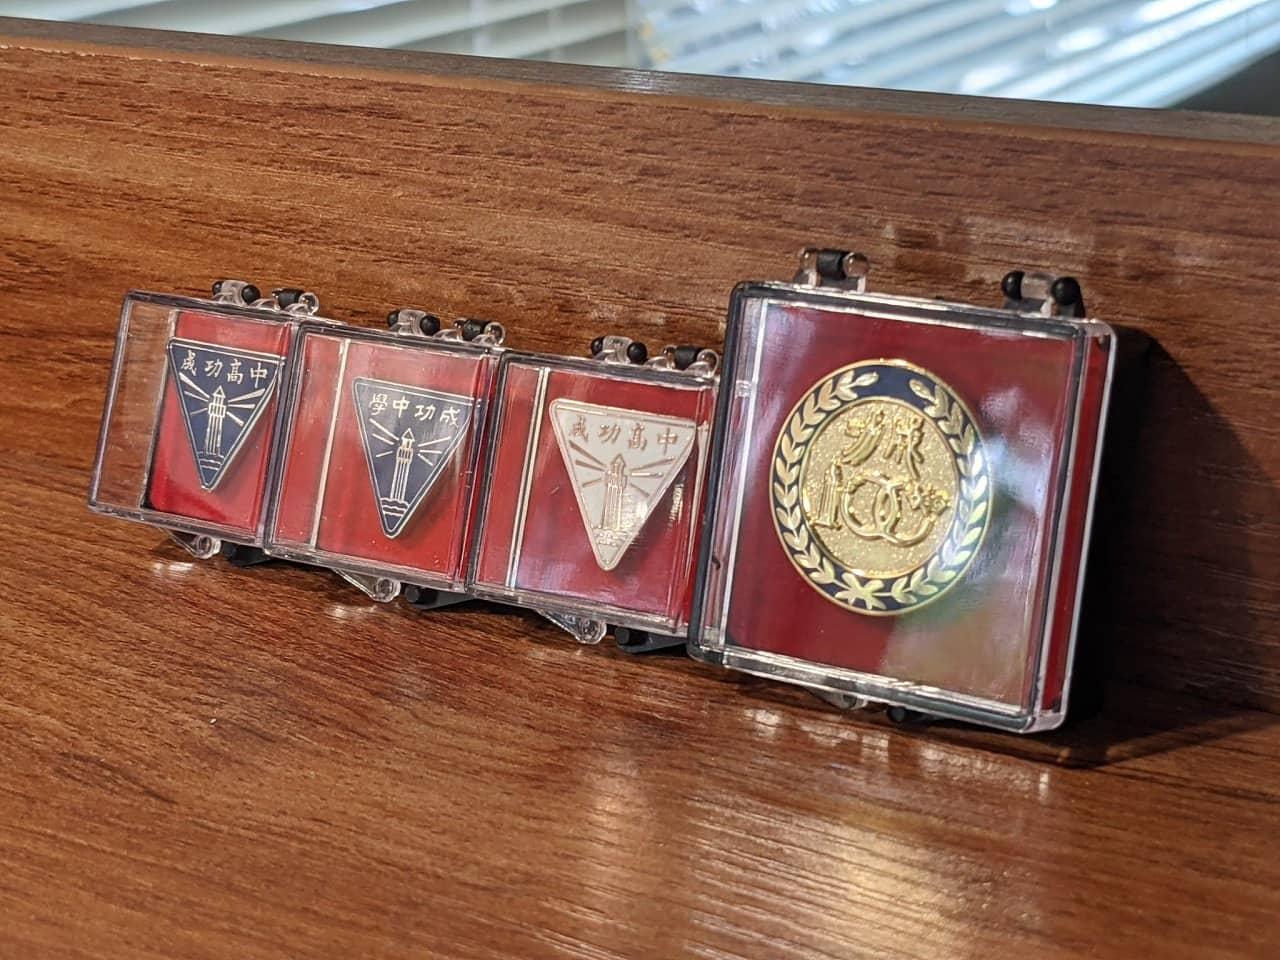 由左至右:成功高中現役校徽、成功中學時期校徽、成功高中現役校徽(玫瑰金特別版)、百週年校慶紀念章。